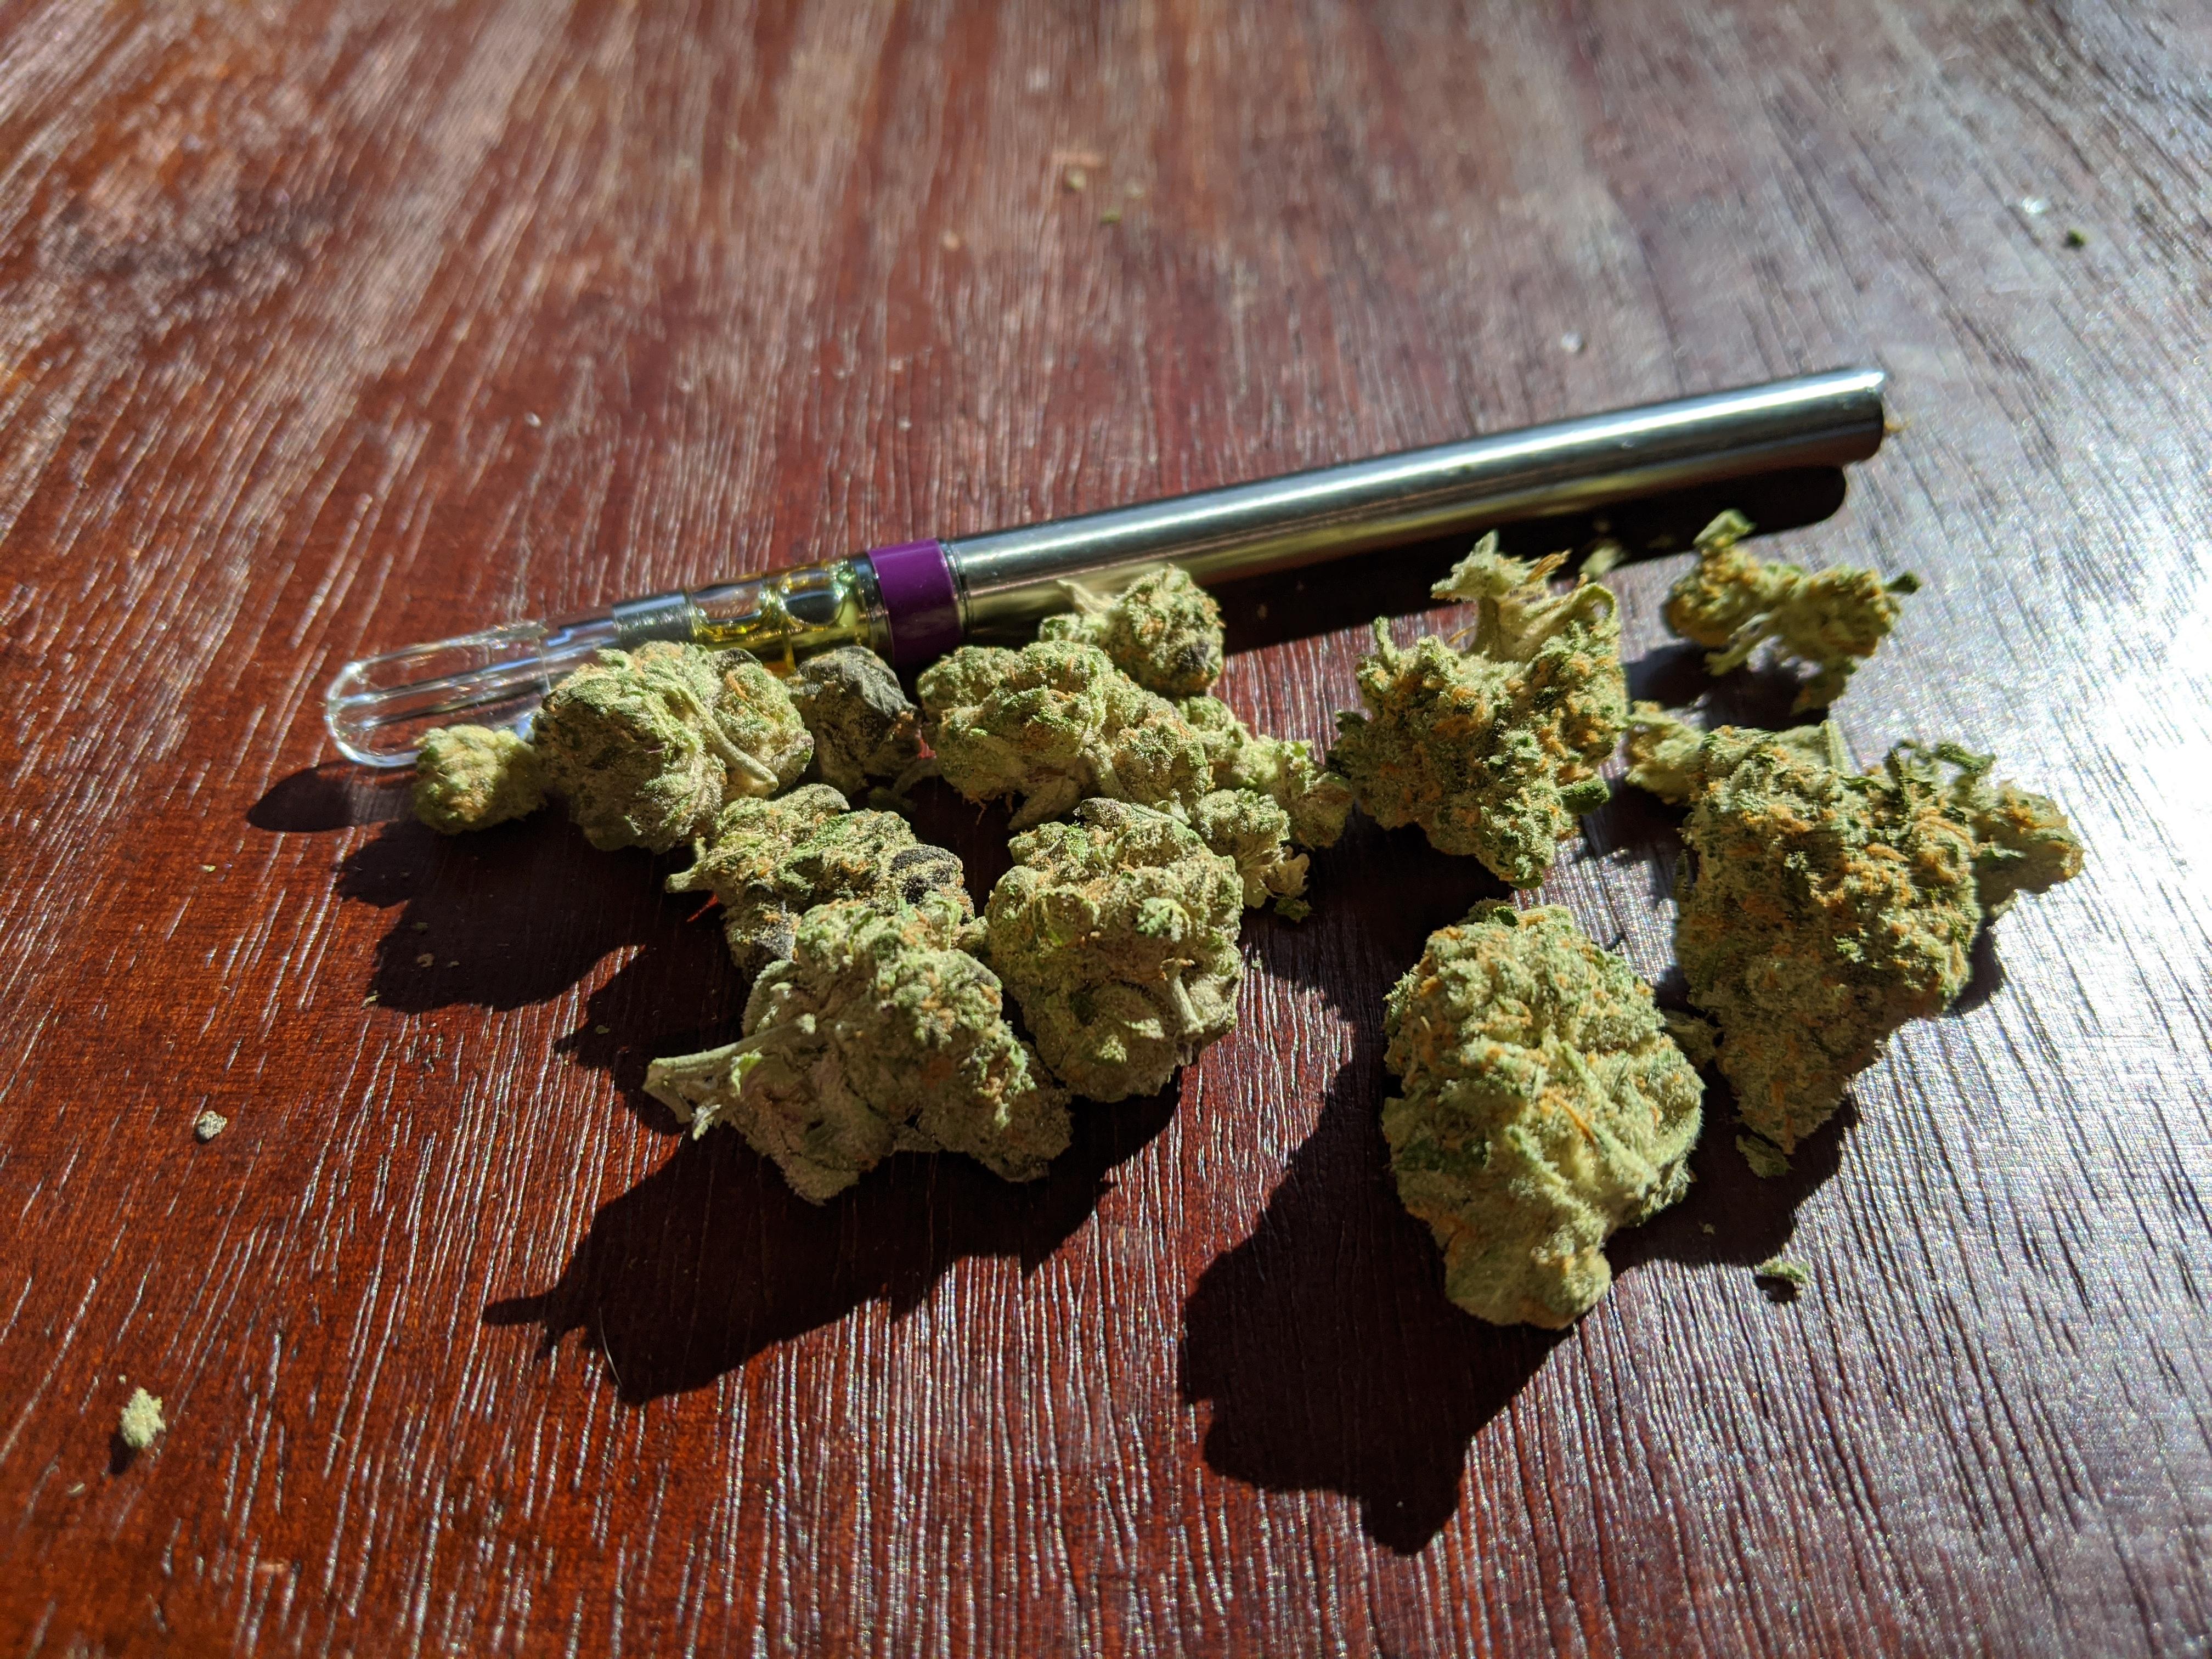 Legal Marijuana in the US